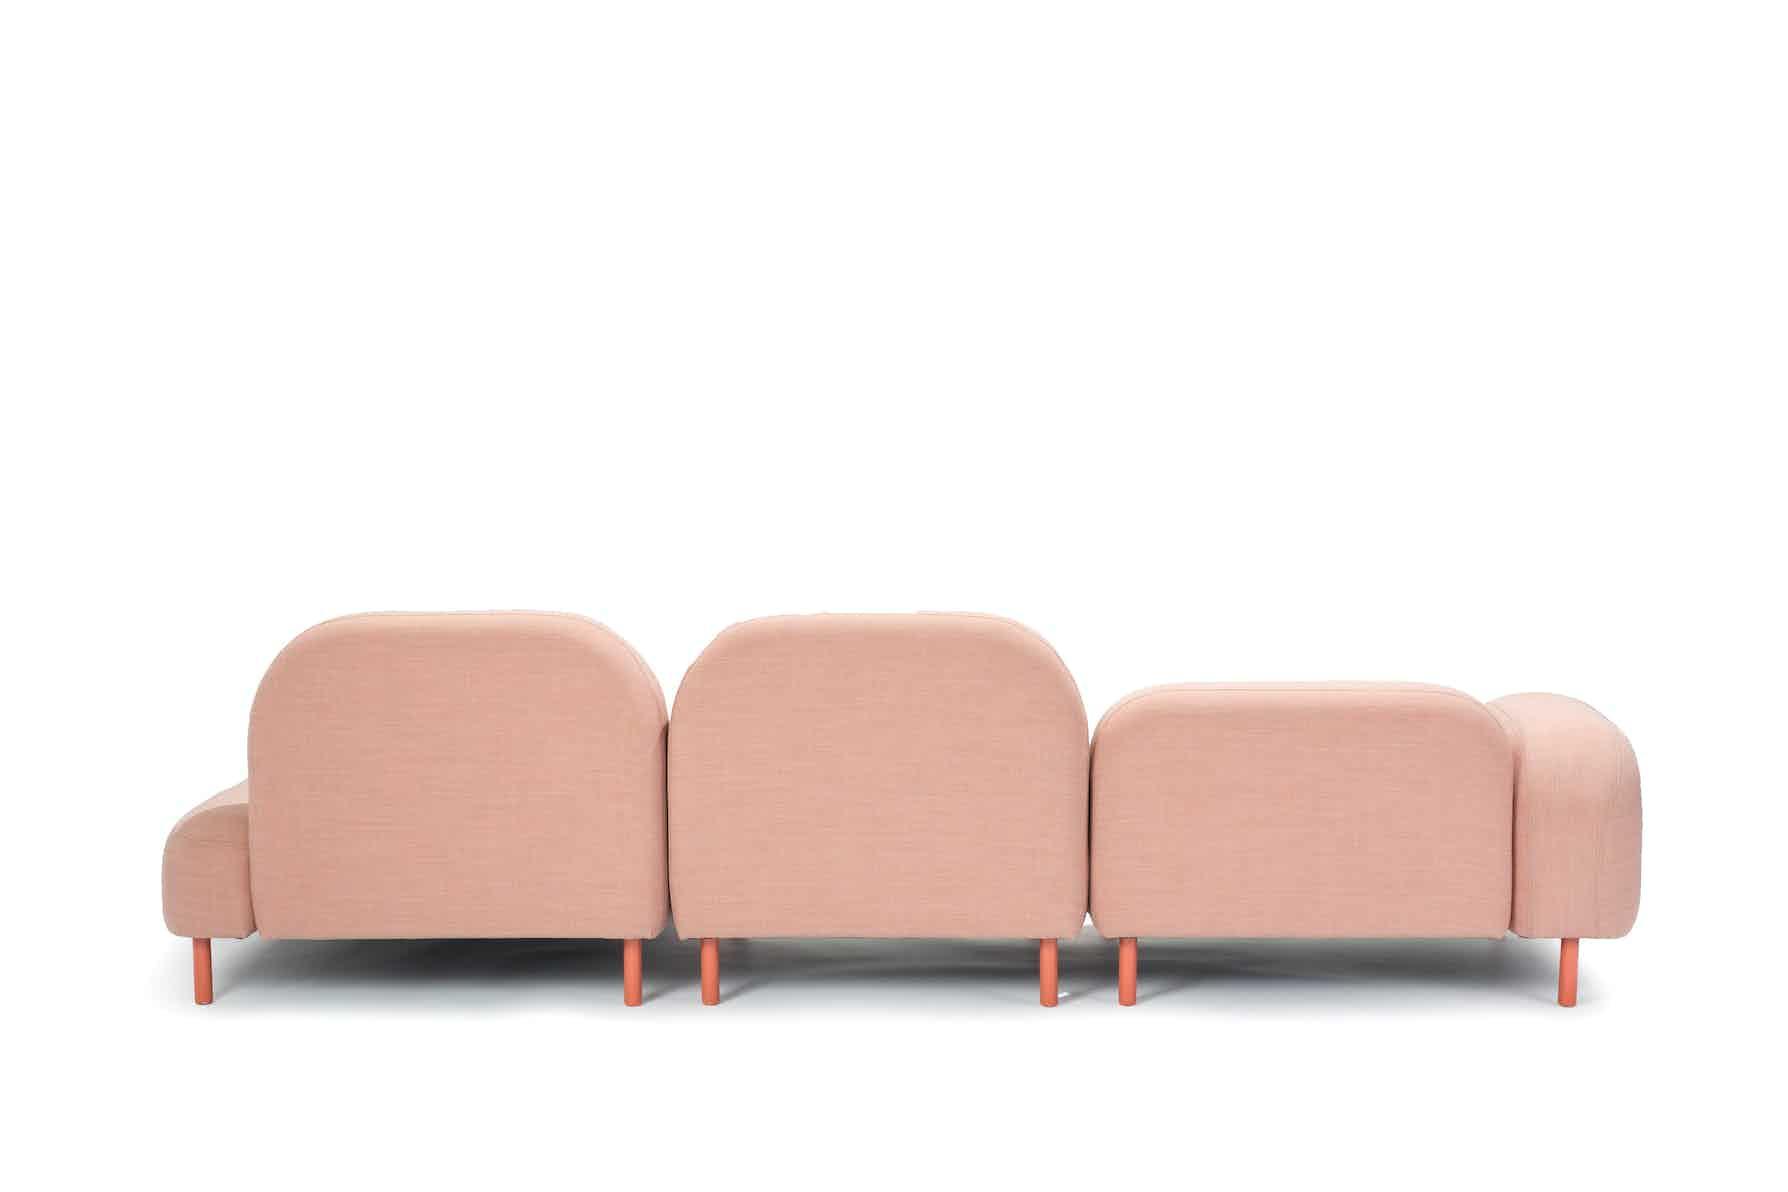 Deadgood-scafell-modular-sofa-peach-rear-haute-living